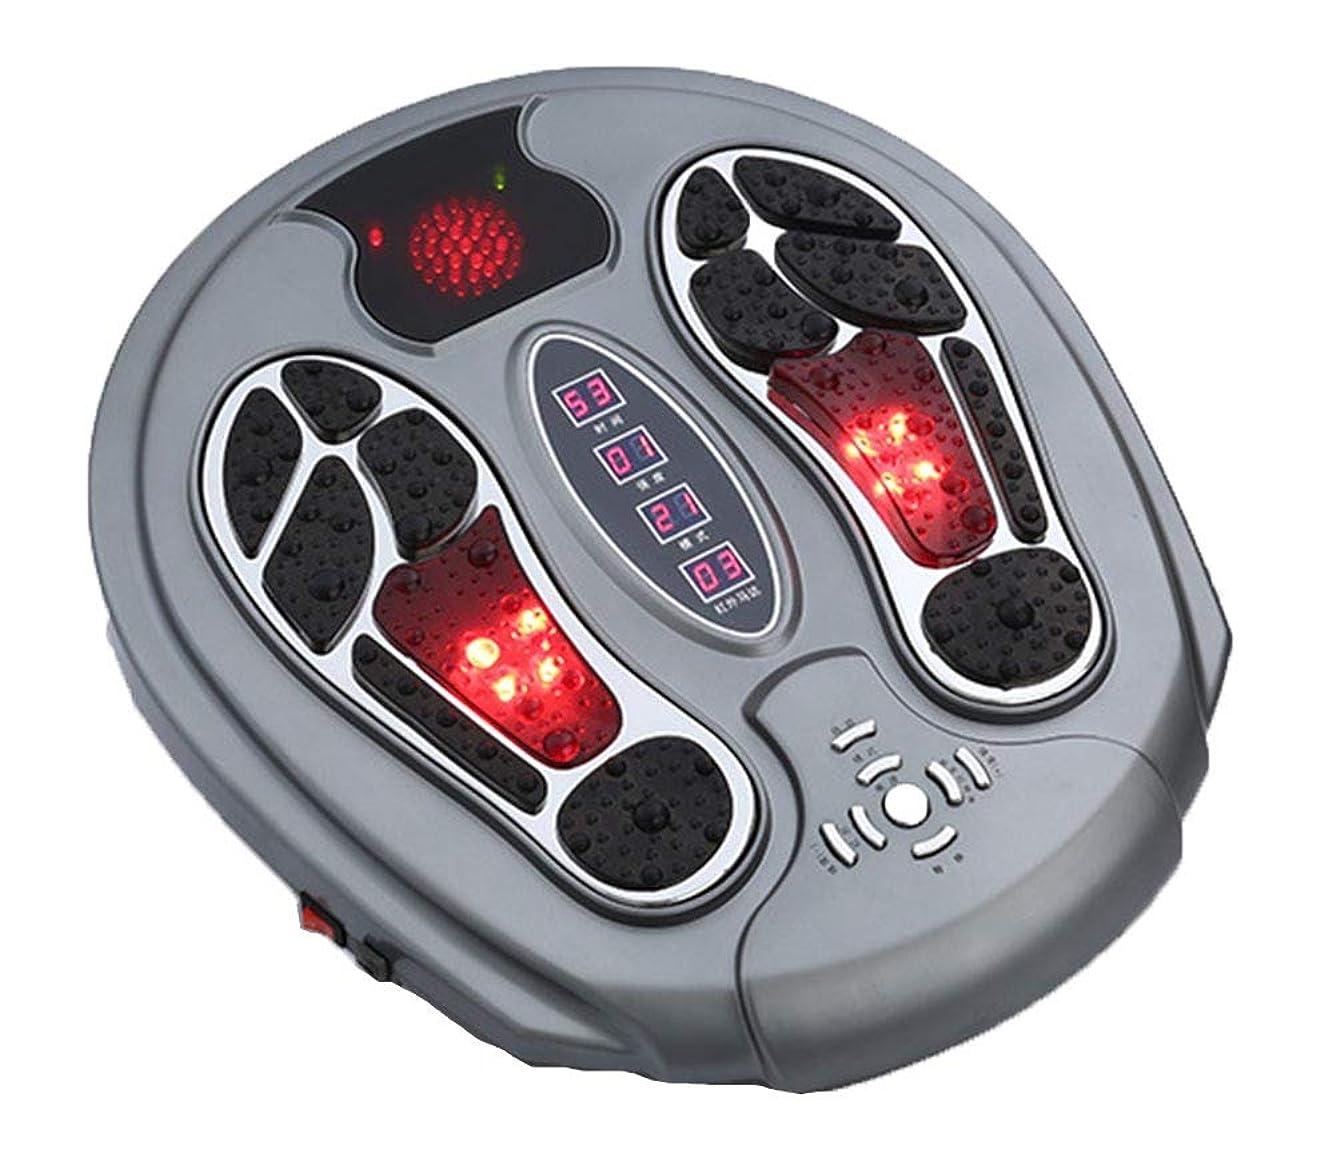 会員要求する人差し指Foot Massager Stimulator - Booster Circulation、身体を刺激する99の強度設定、赤外線機能付き